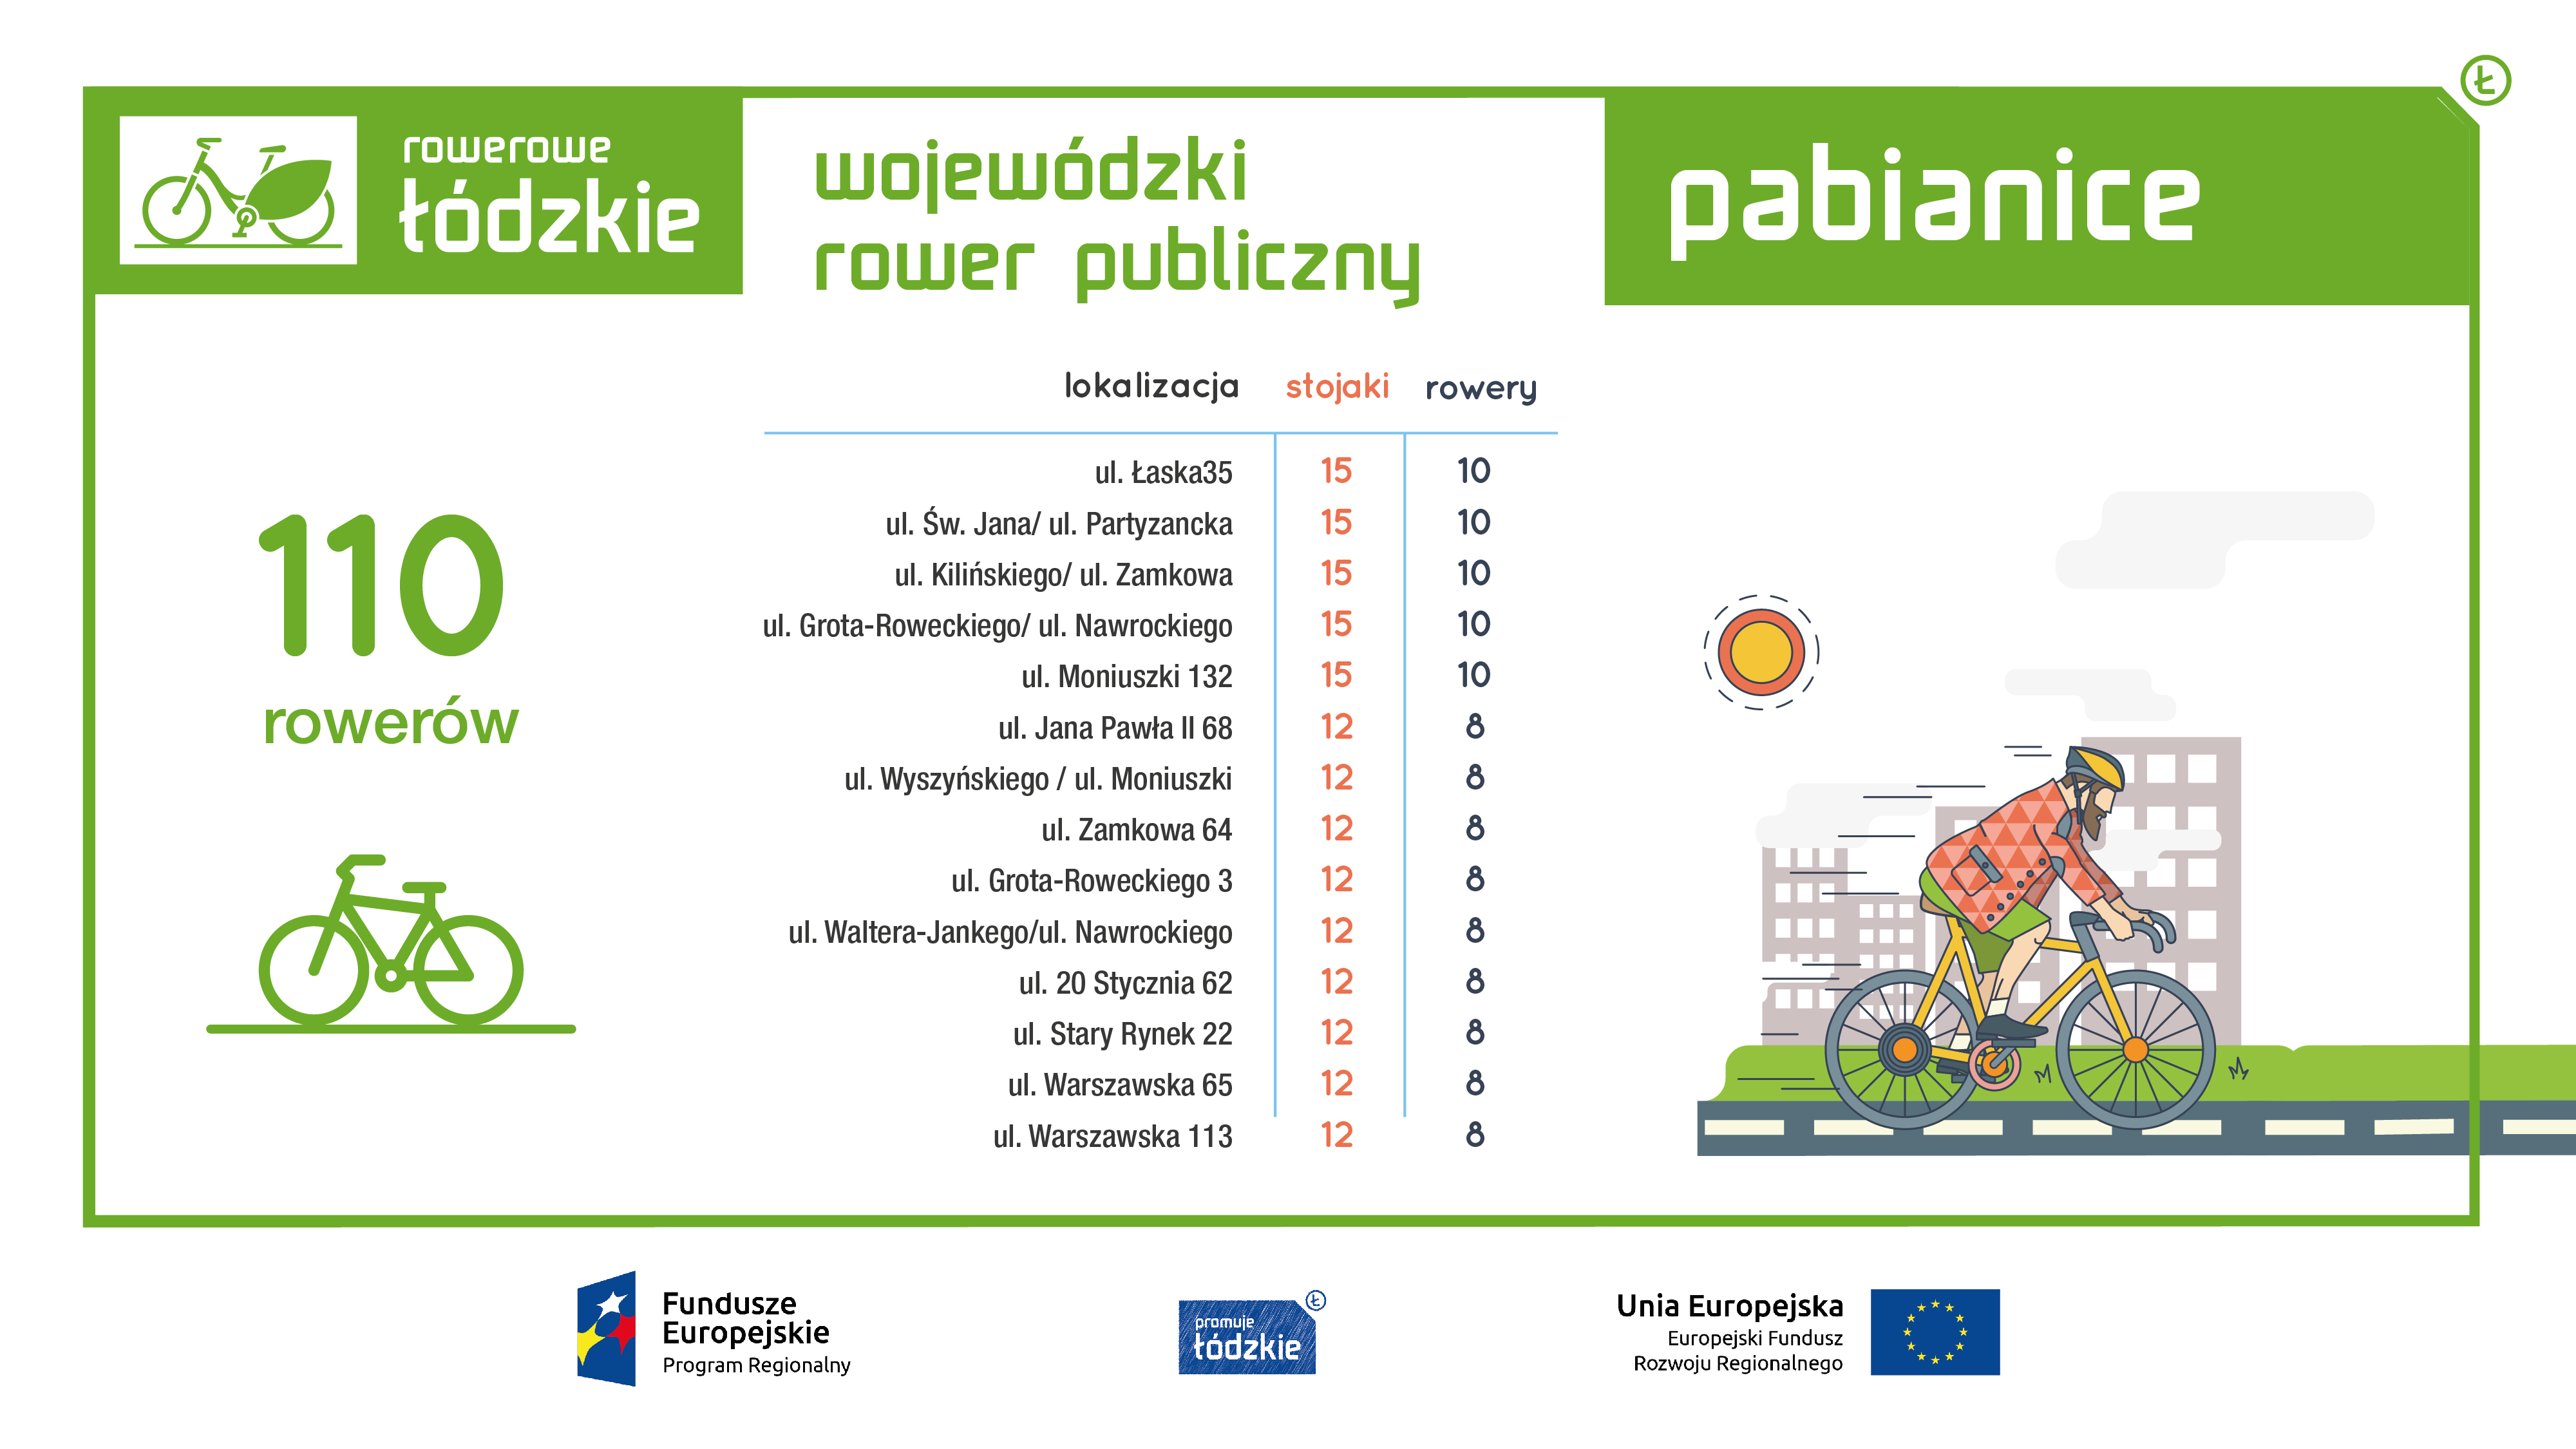 informacja o ilości rowerów i stacji